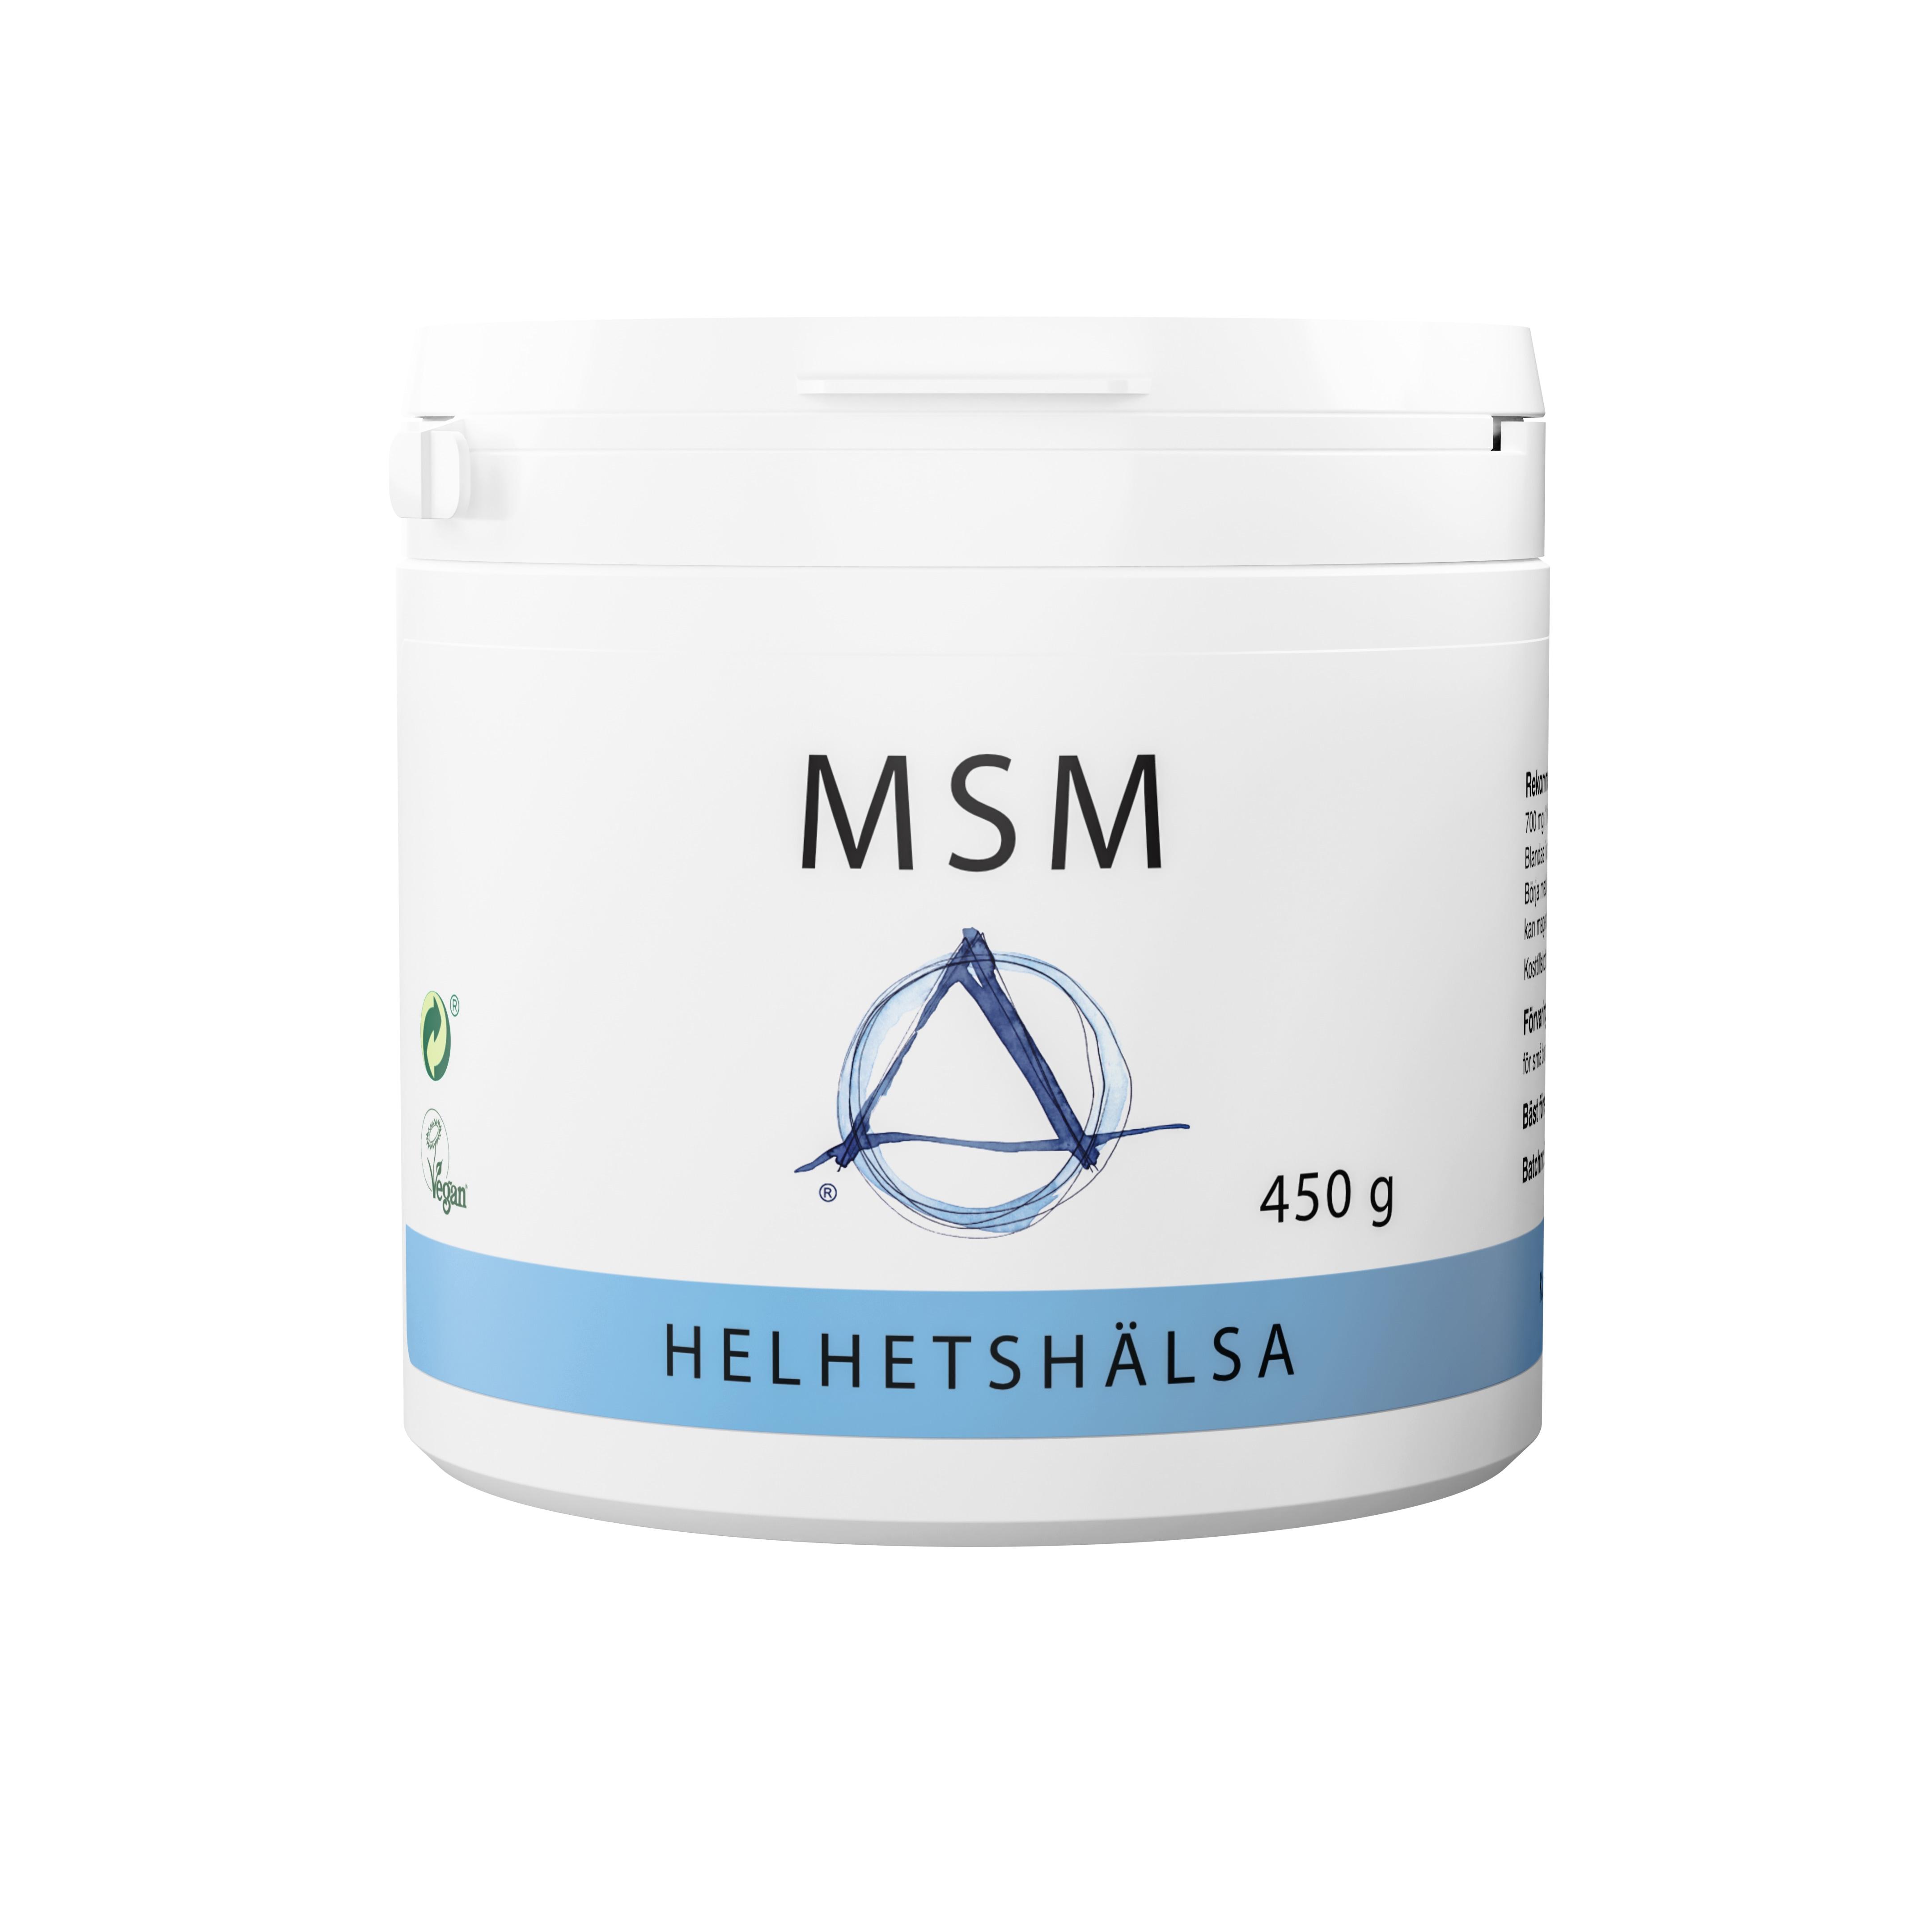 MSM 450g